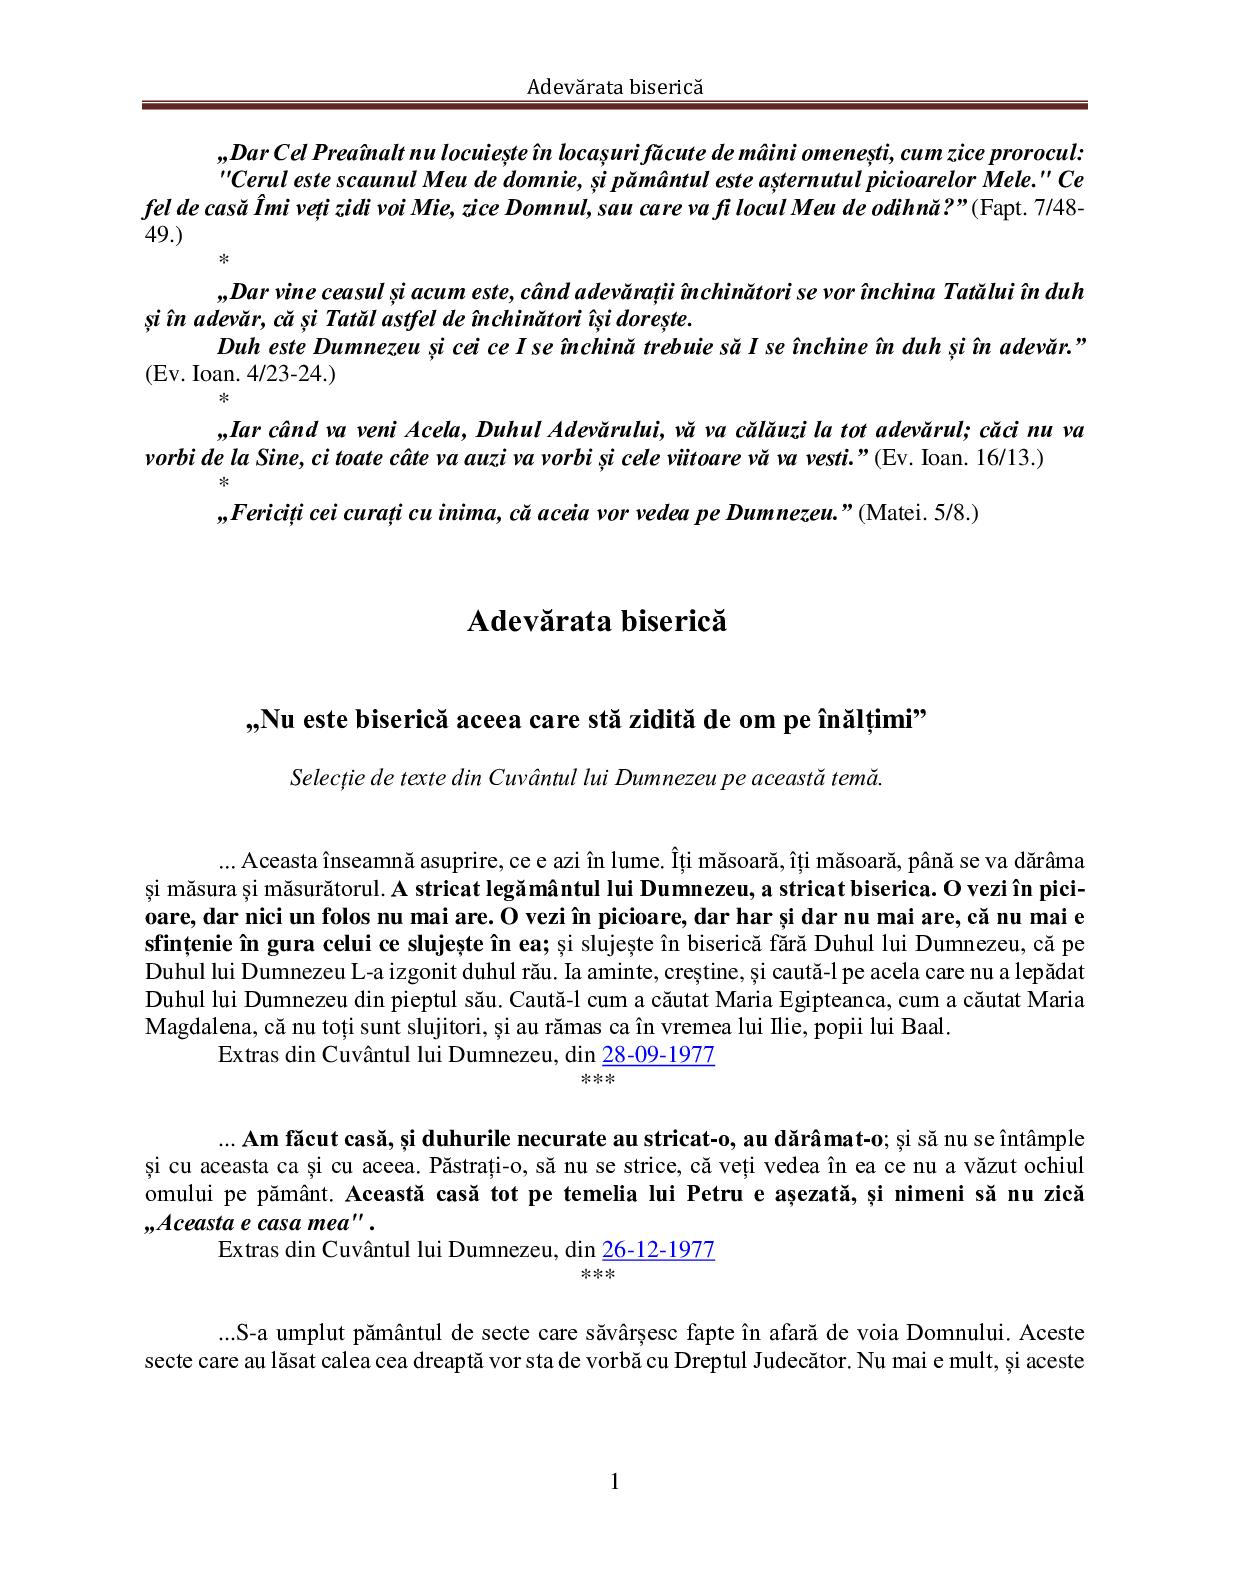 Rugăciuni 13 marţi în cinstea Sfântului Anton de Padova – Antiqul's Blog